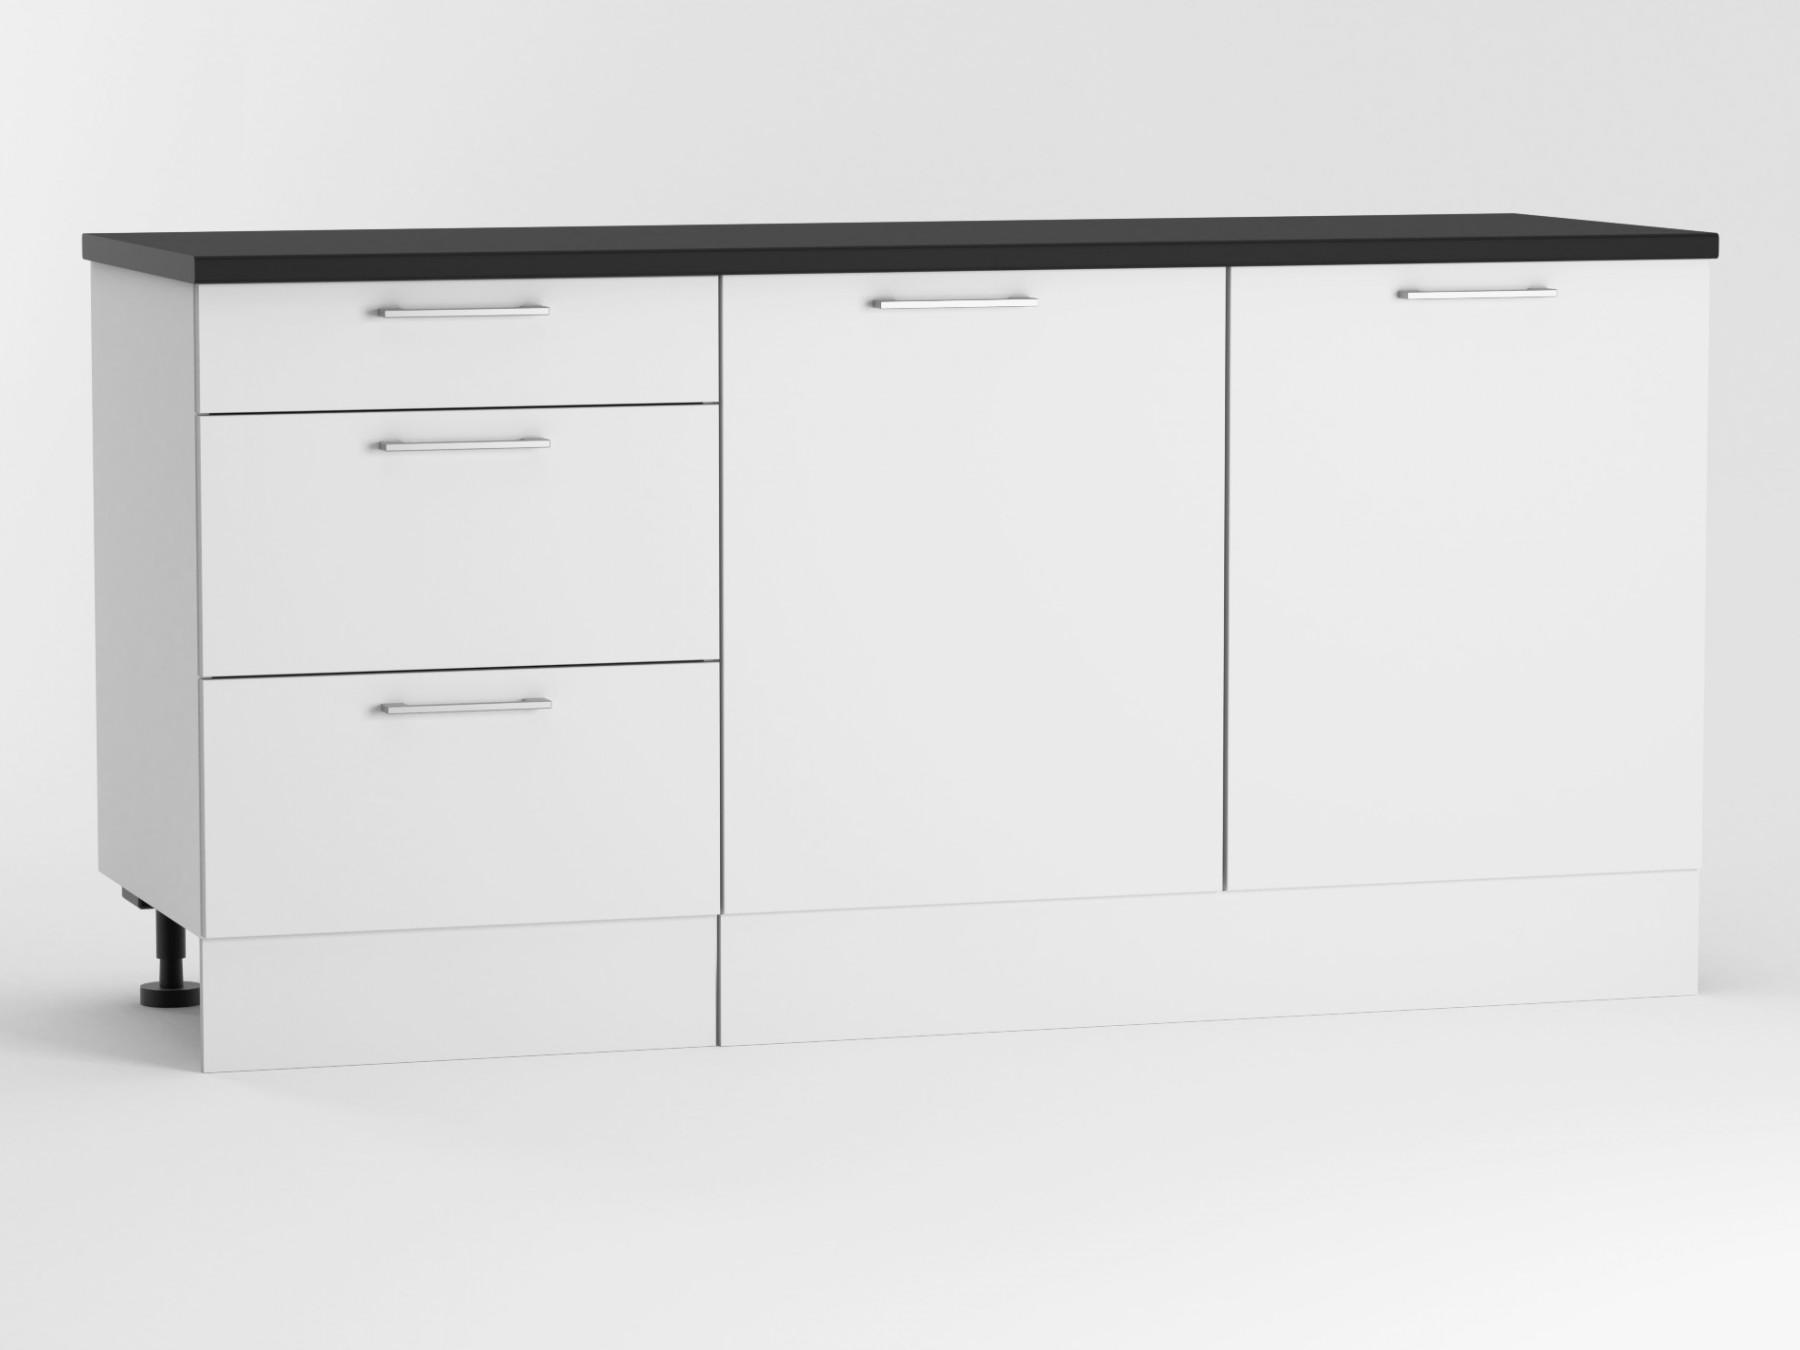 MILAN-SET-S120-S60SZ3